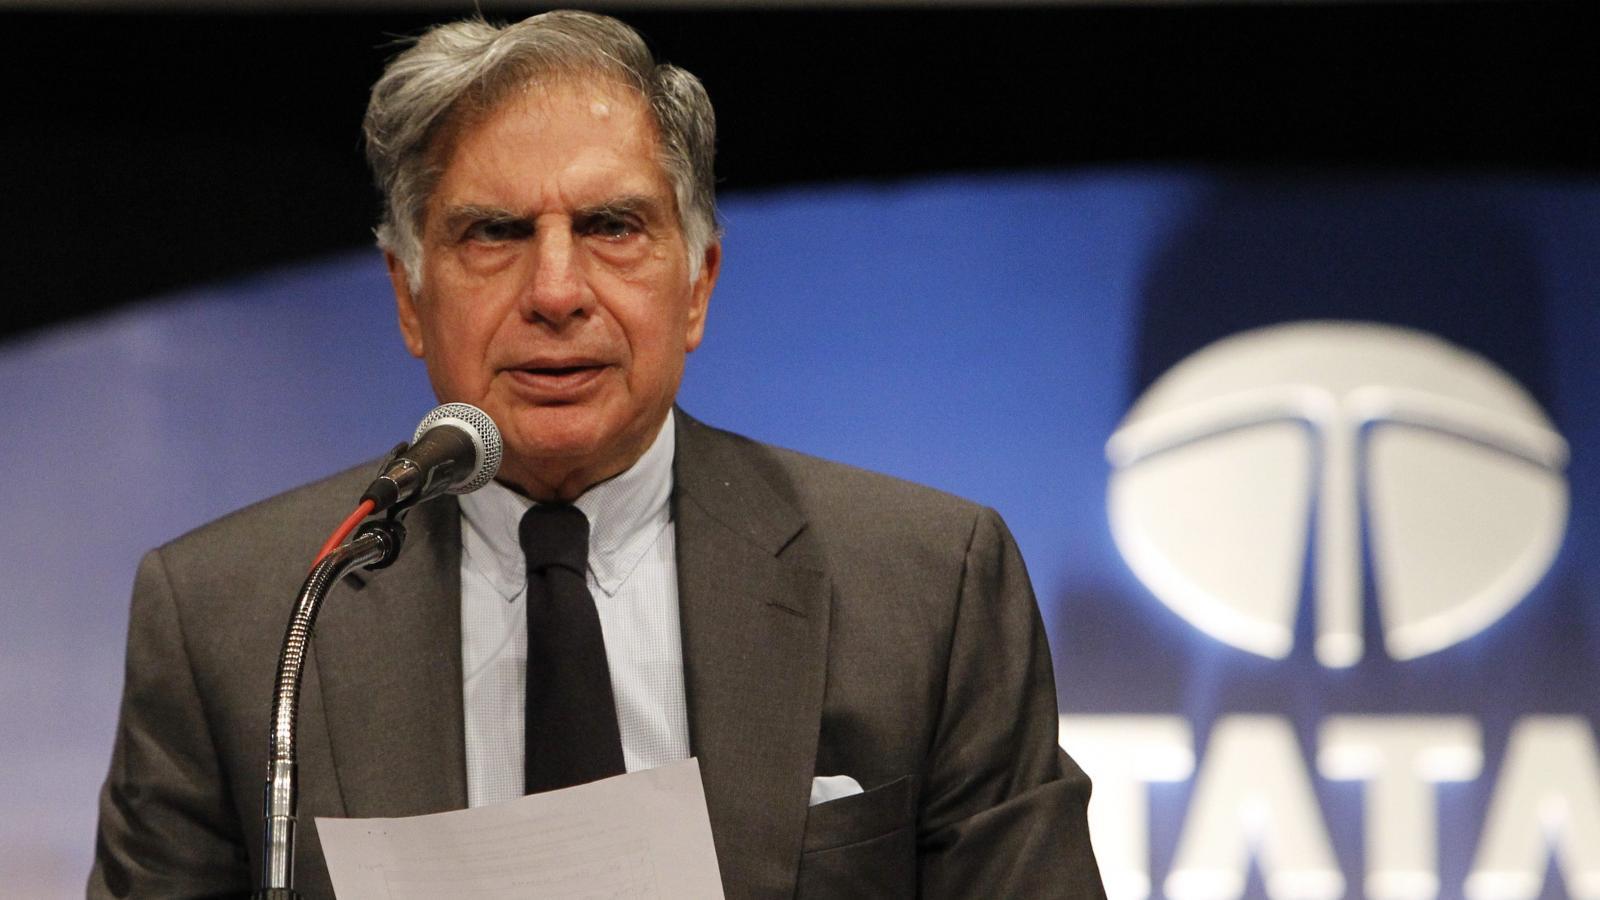 Ratan Tata Success Story: How Ratan Tata Built an Empire?